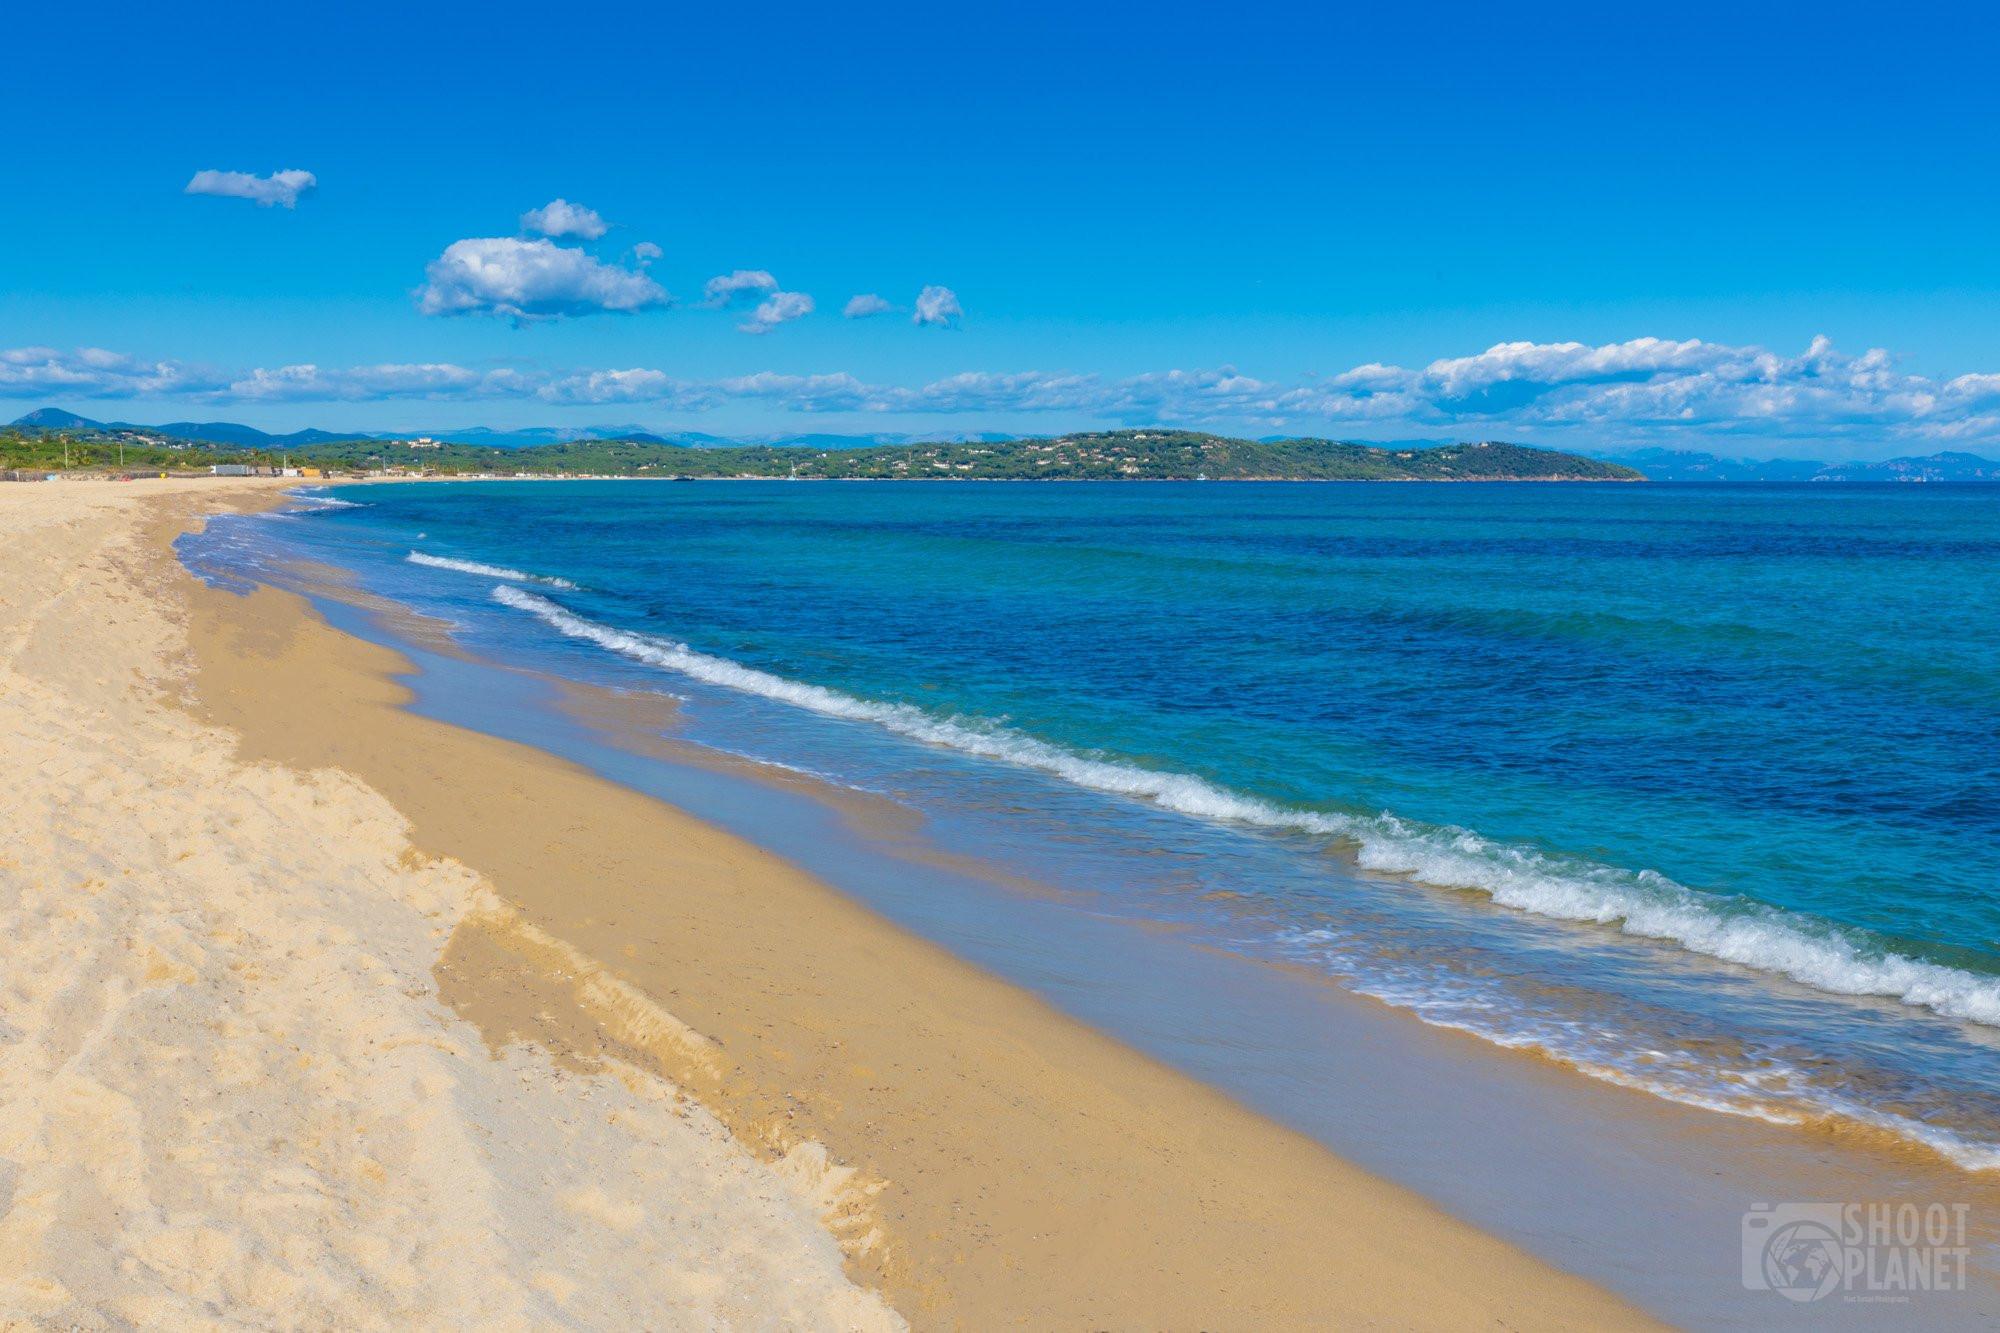 Pampelonne beach, Ramatuelle gulf of Saint-Tropez, France